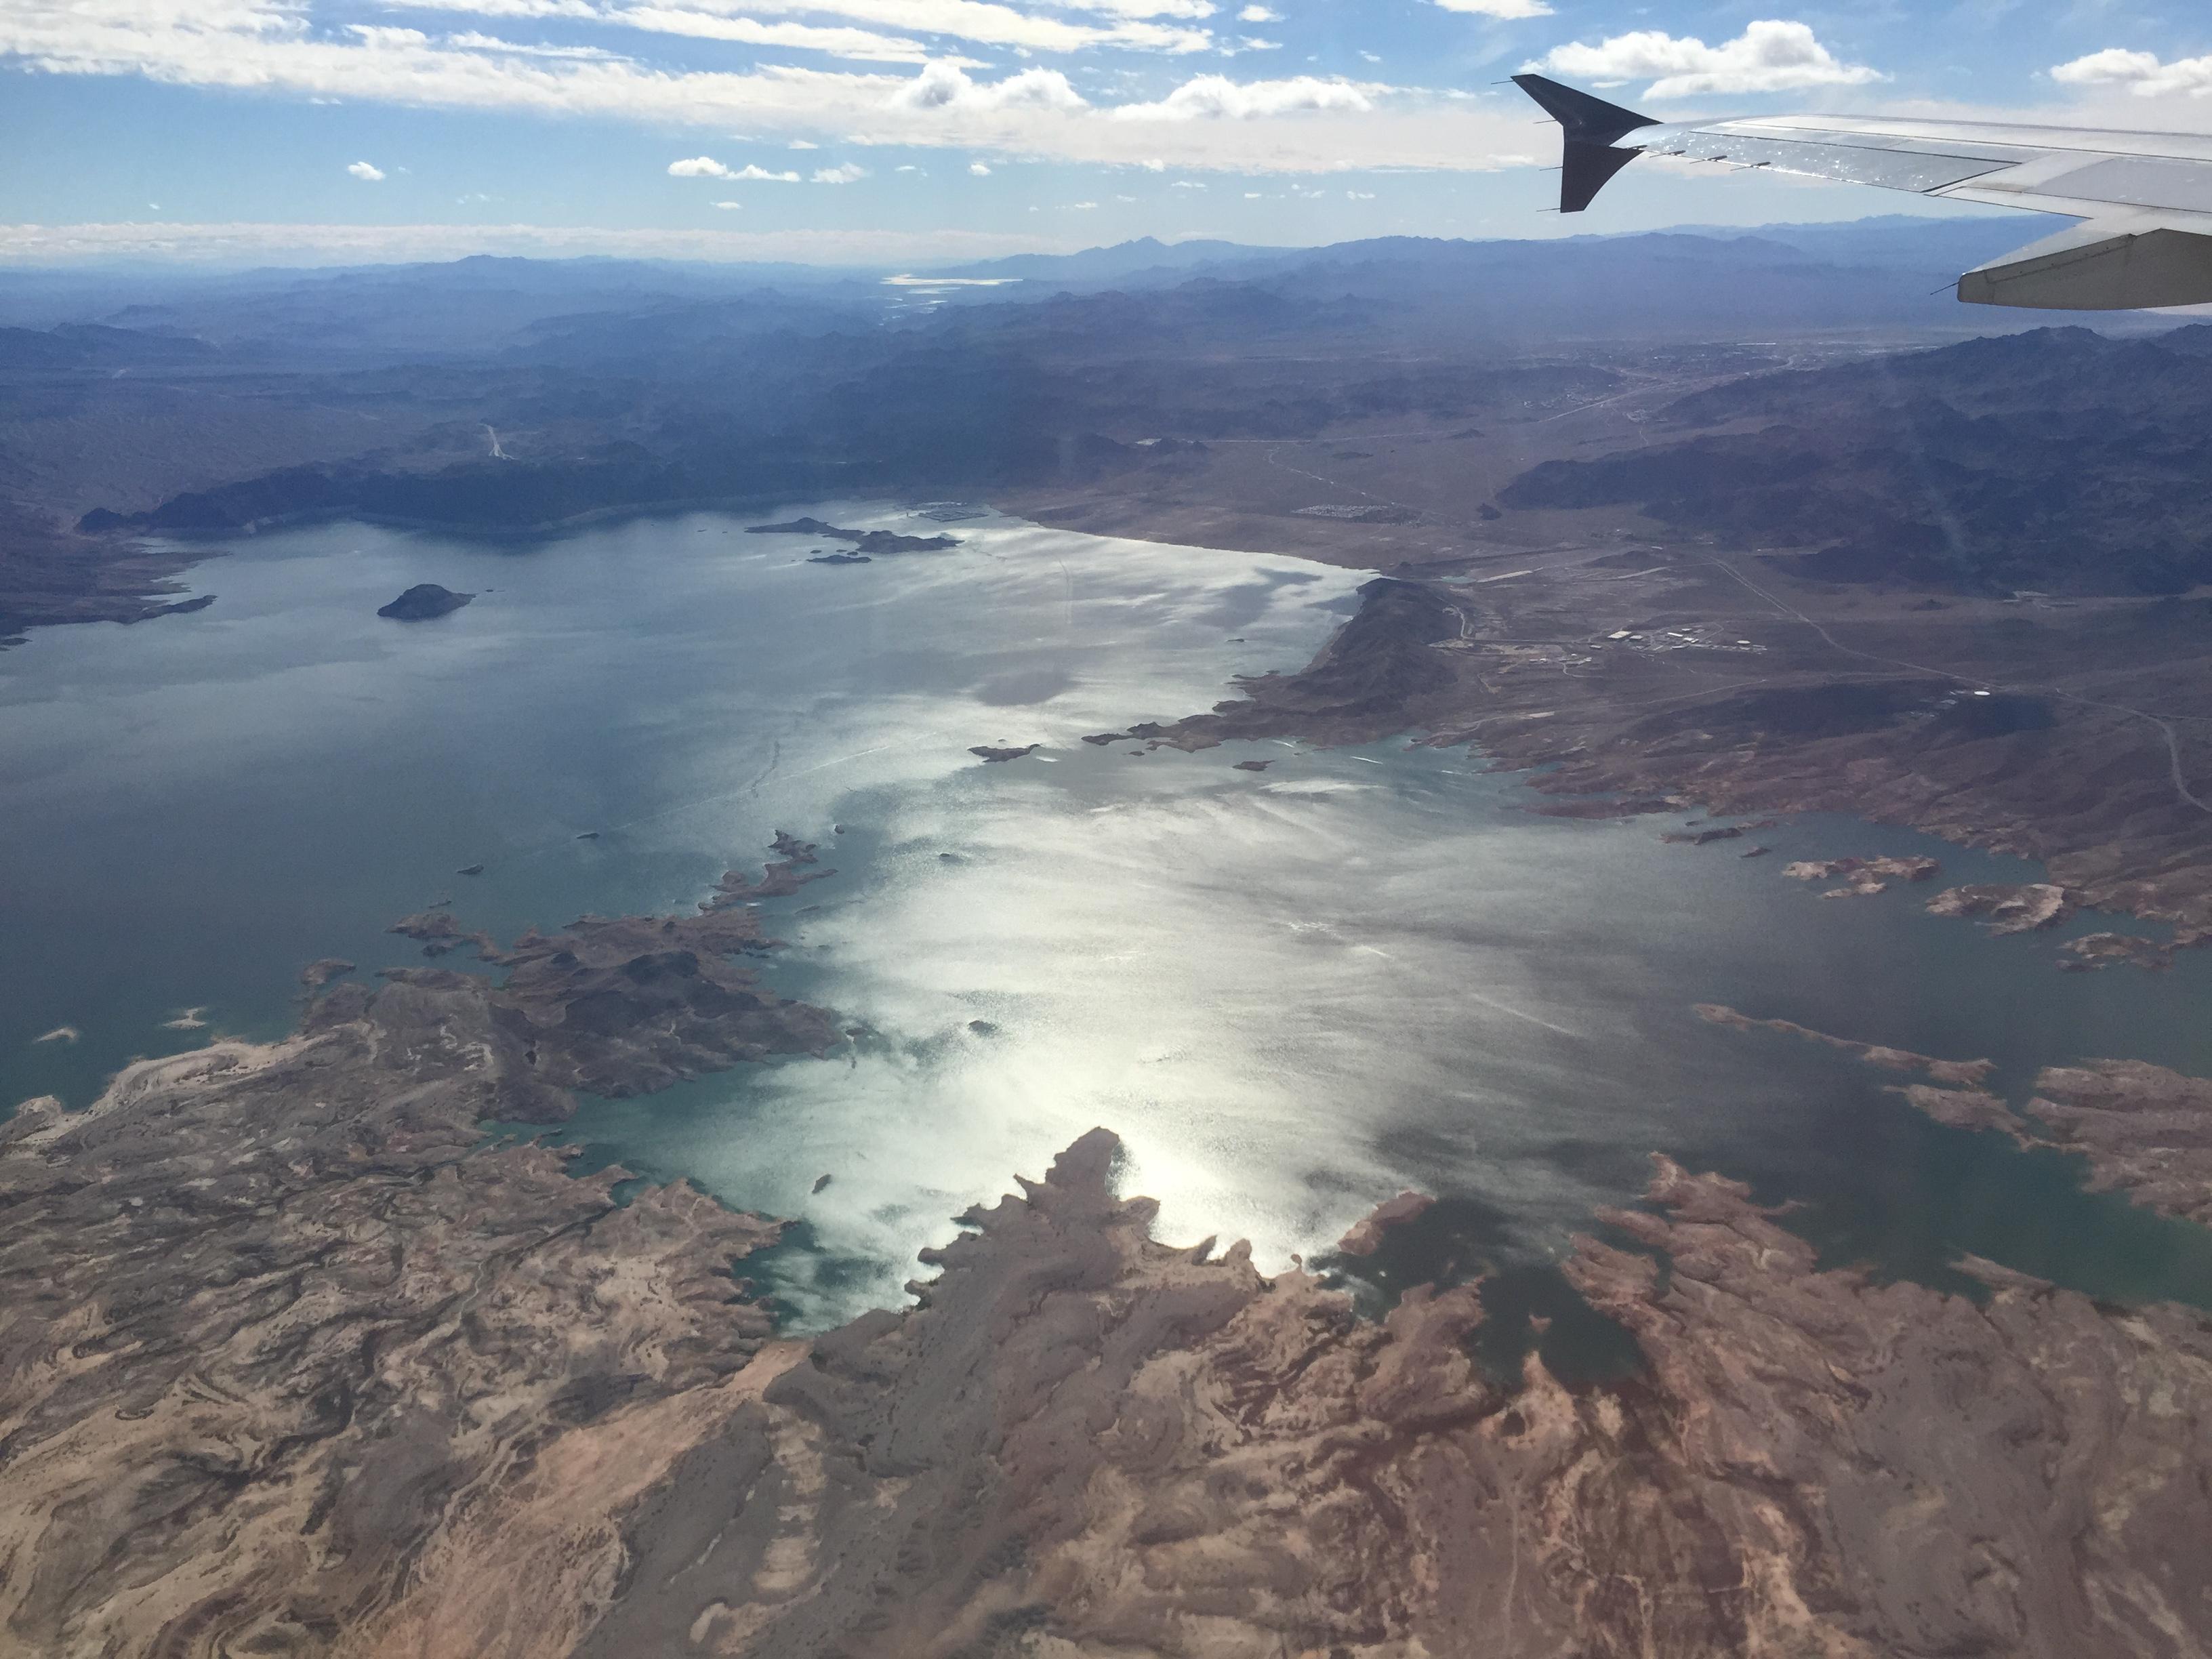 El lago Mead visto de un avión